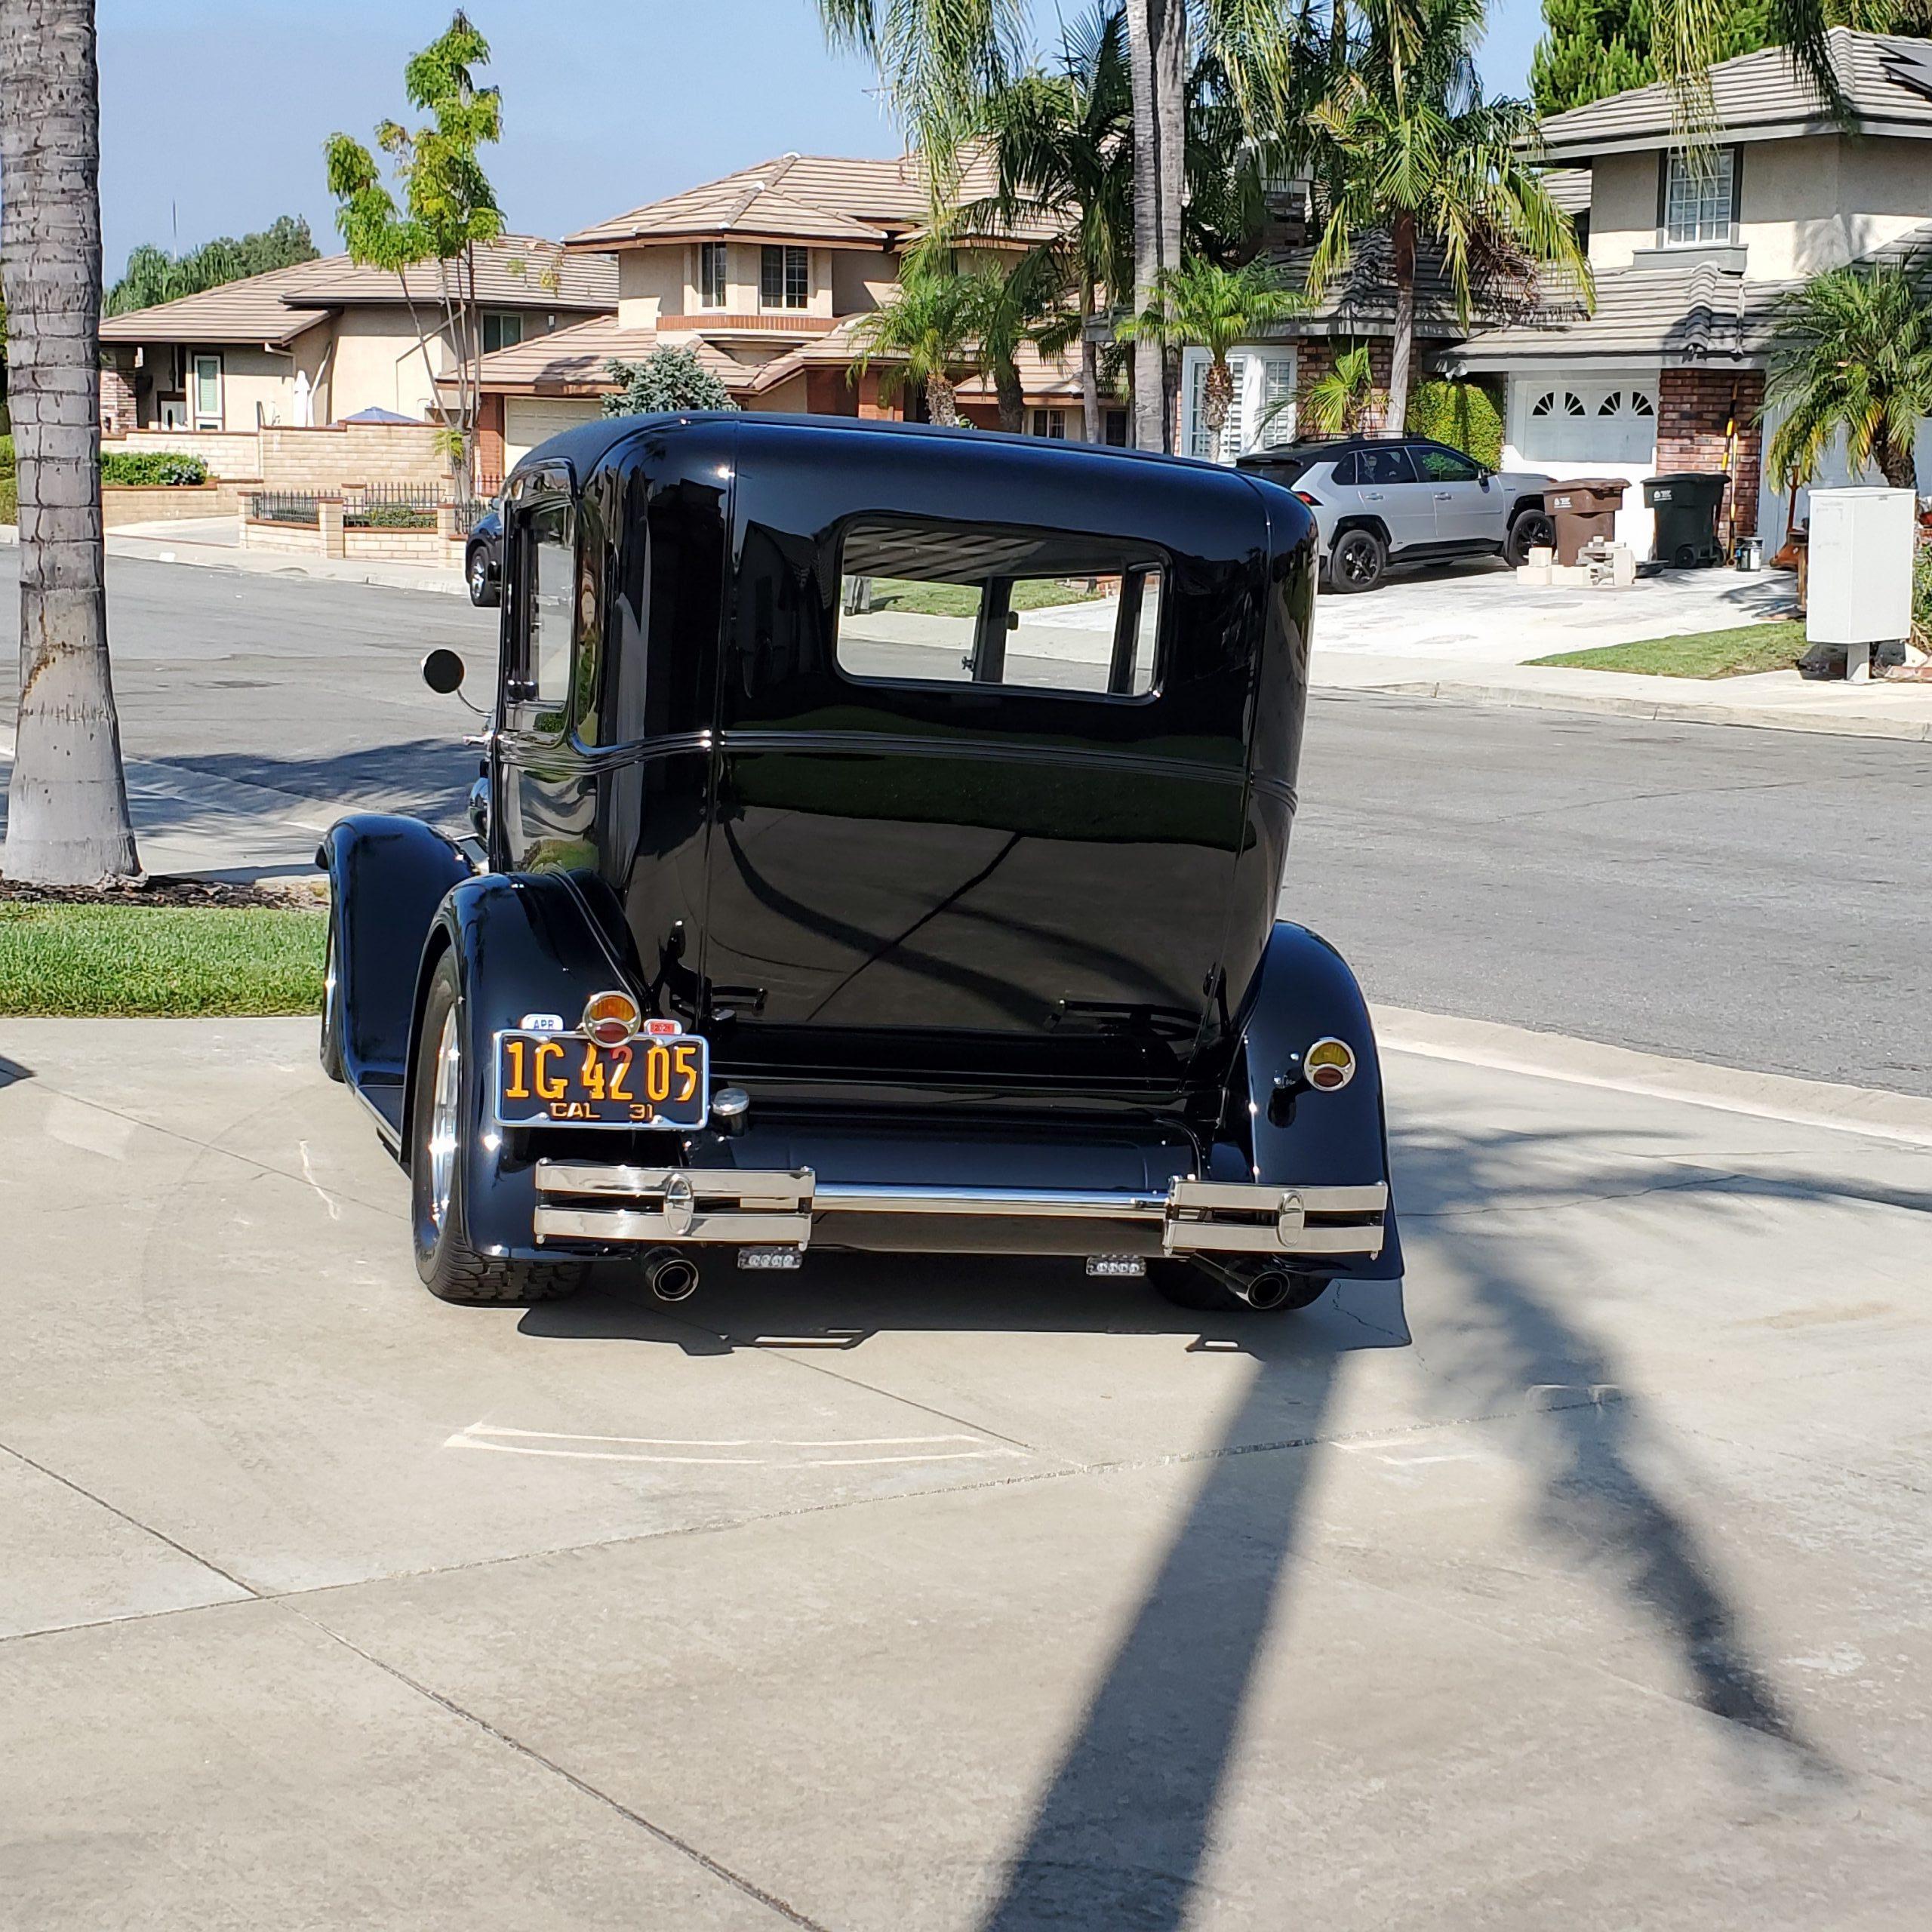 1931 Ford Tudor Model A hot rod rear